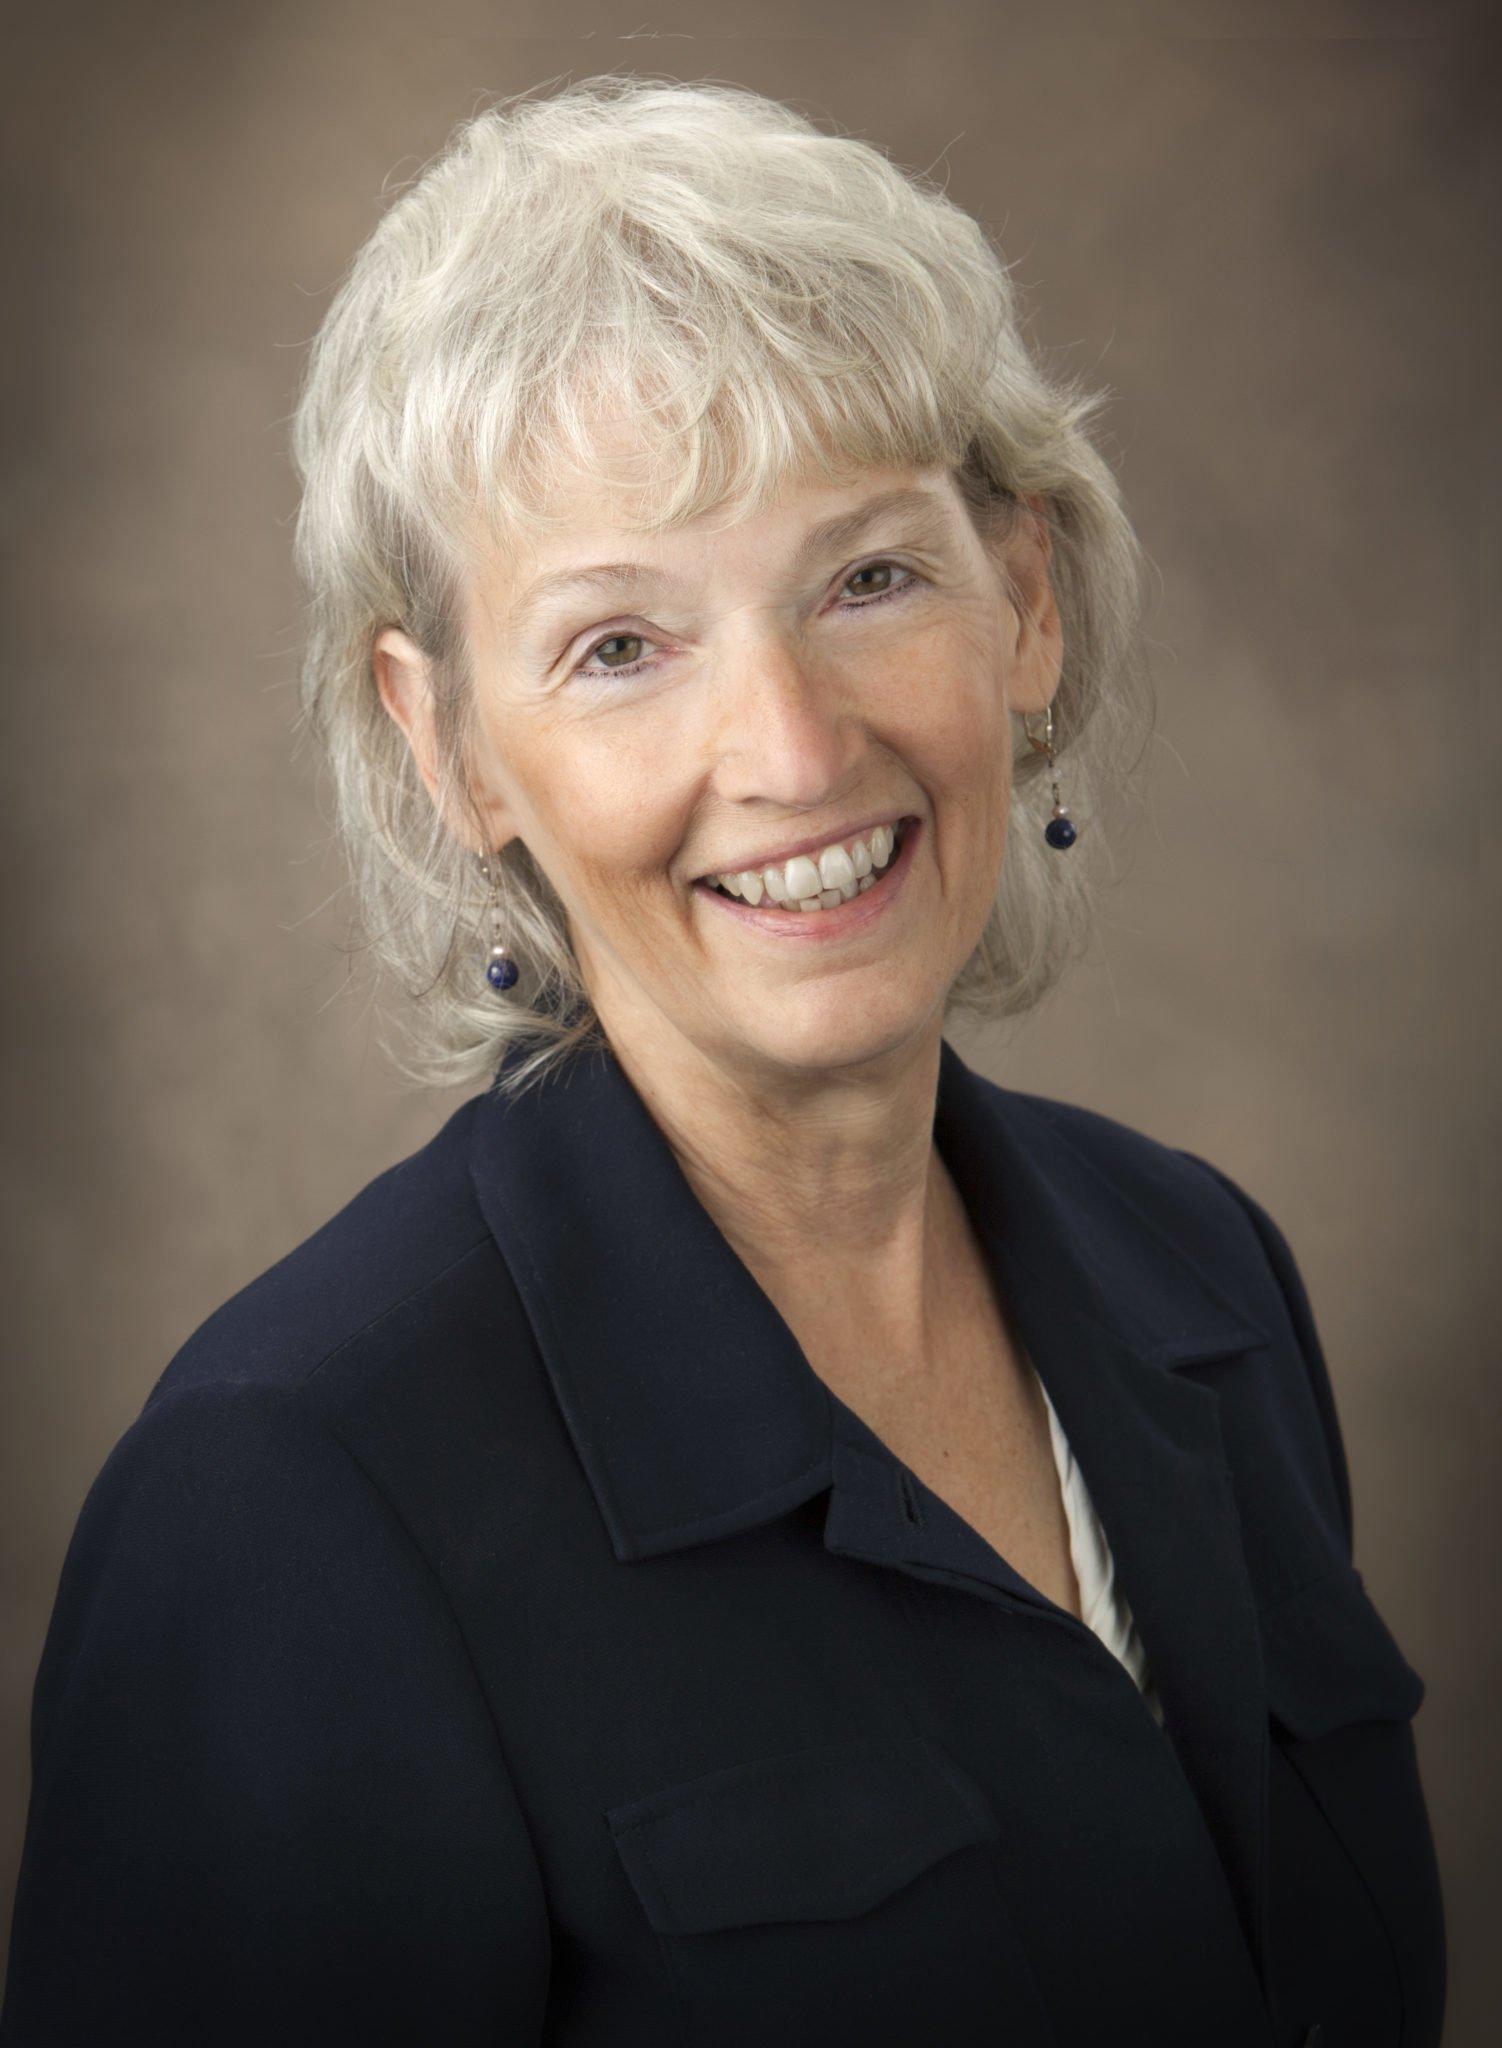 Meredith Schmahl